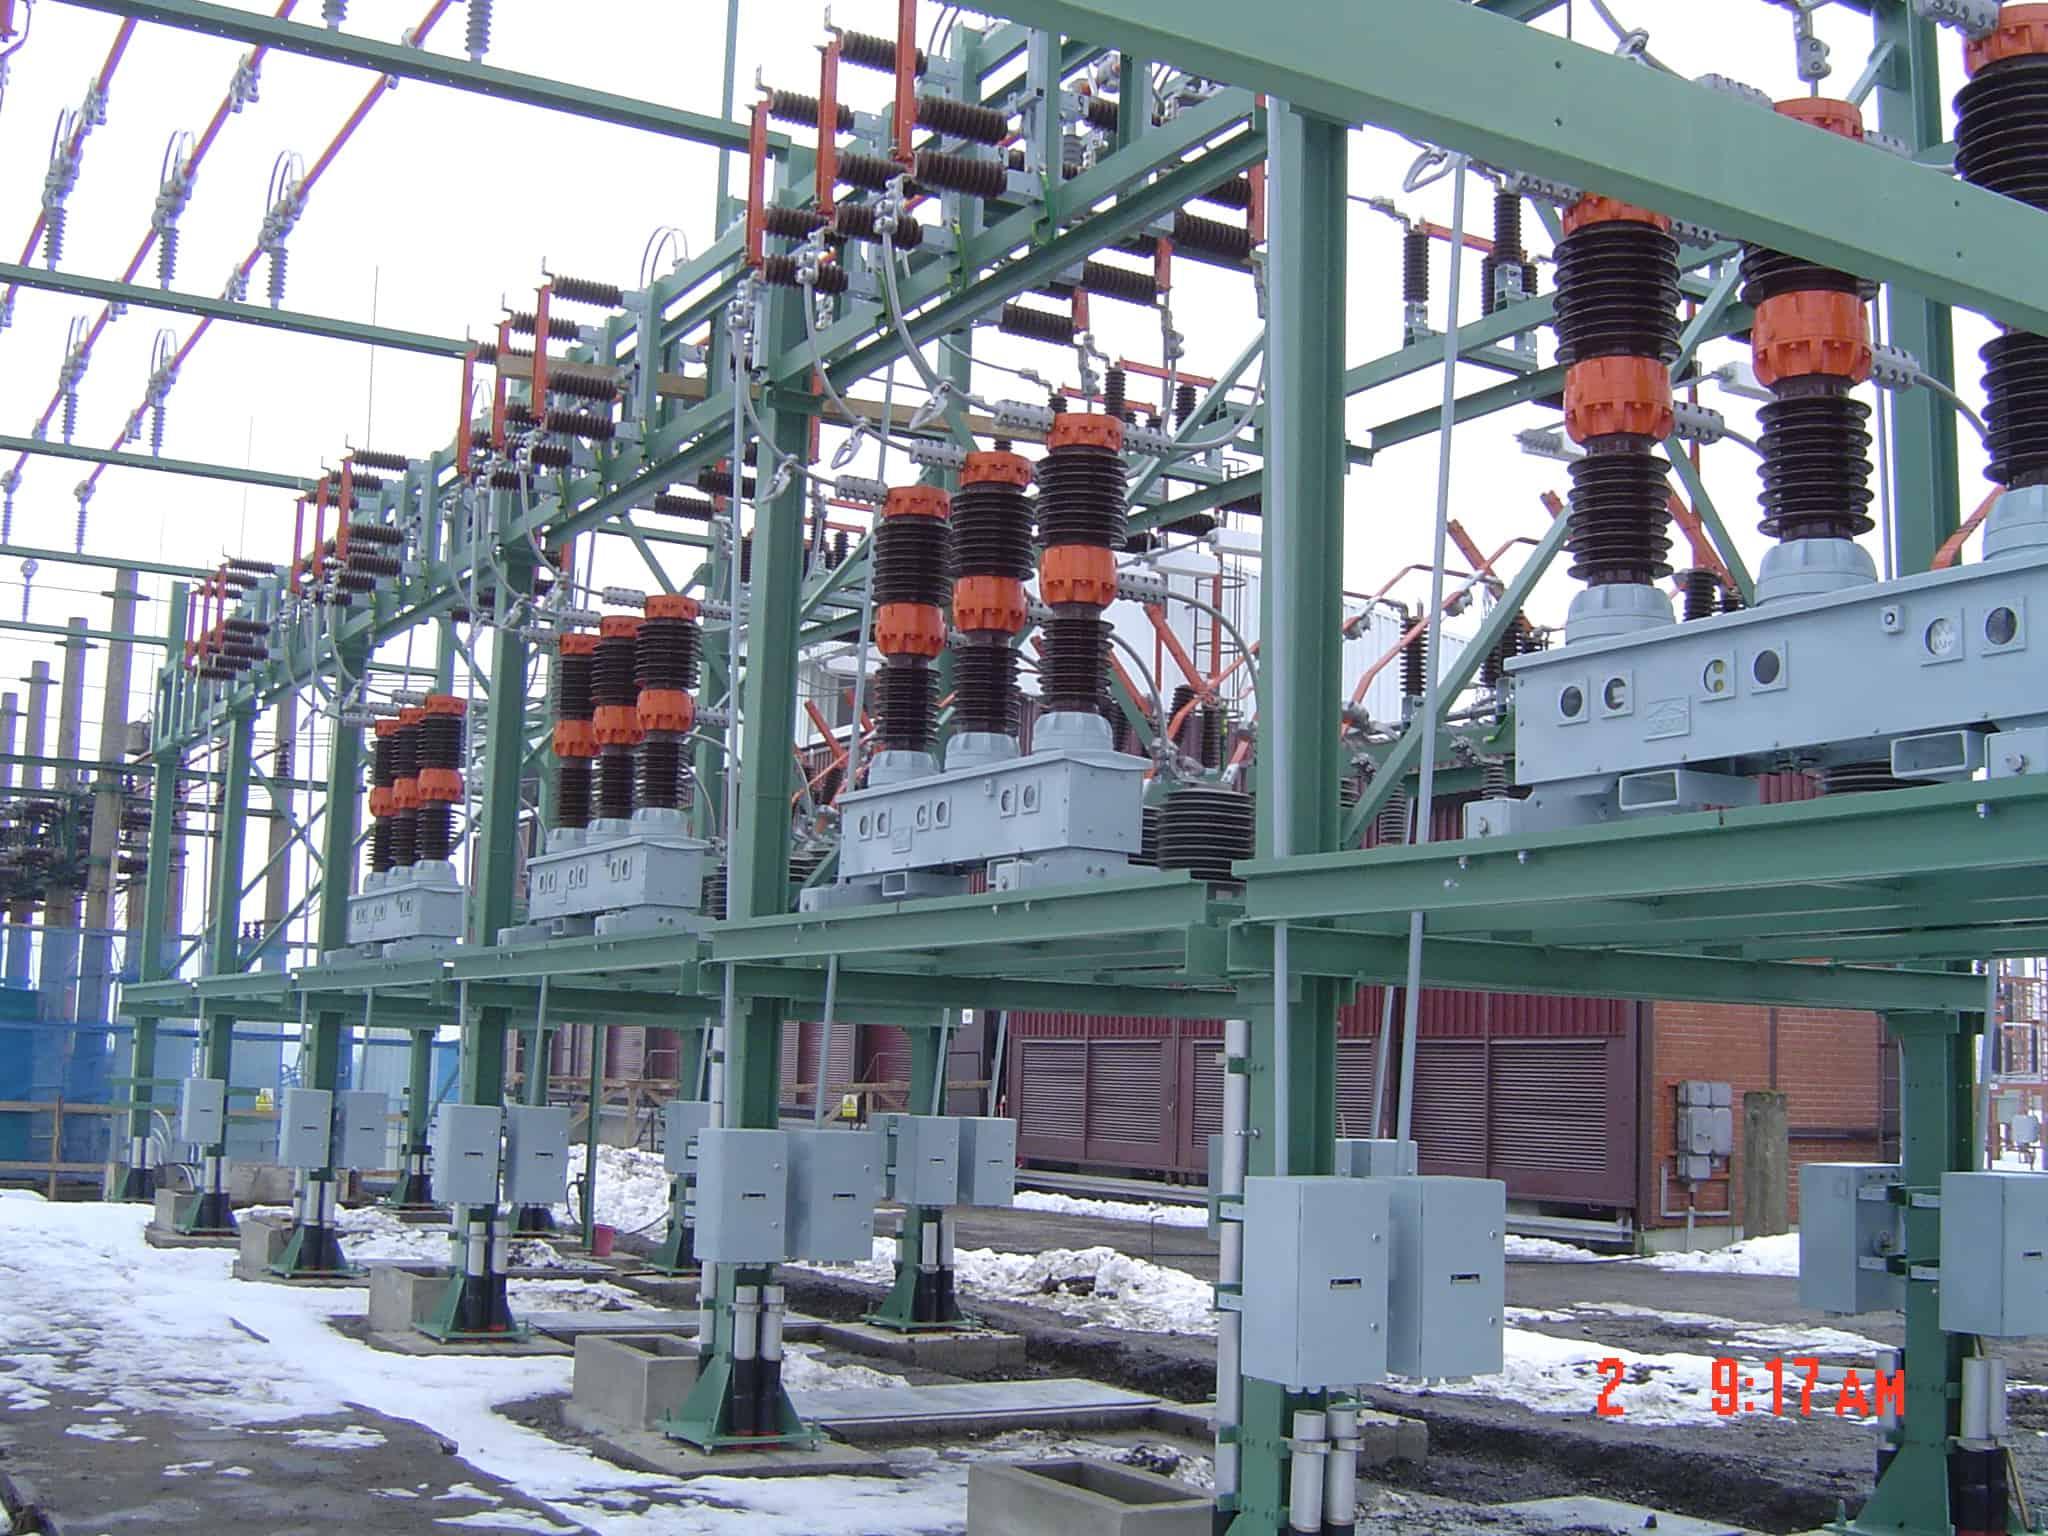 Substation in winter